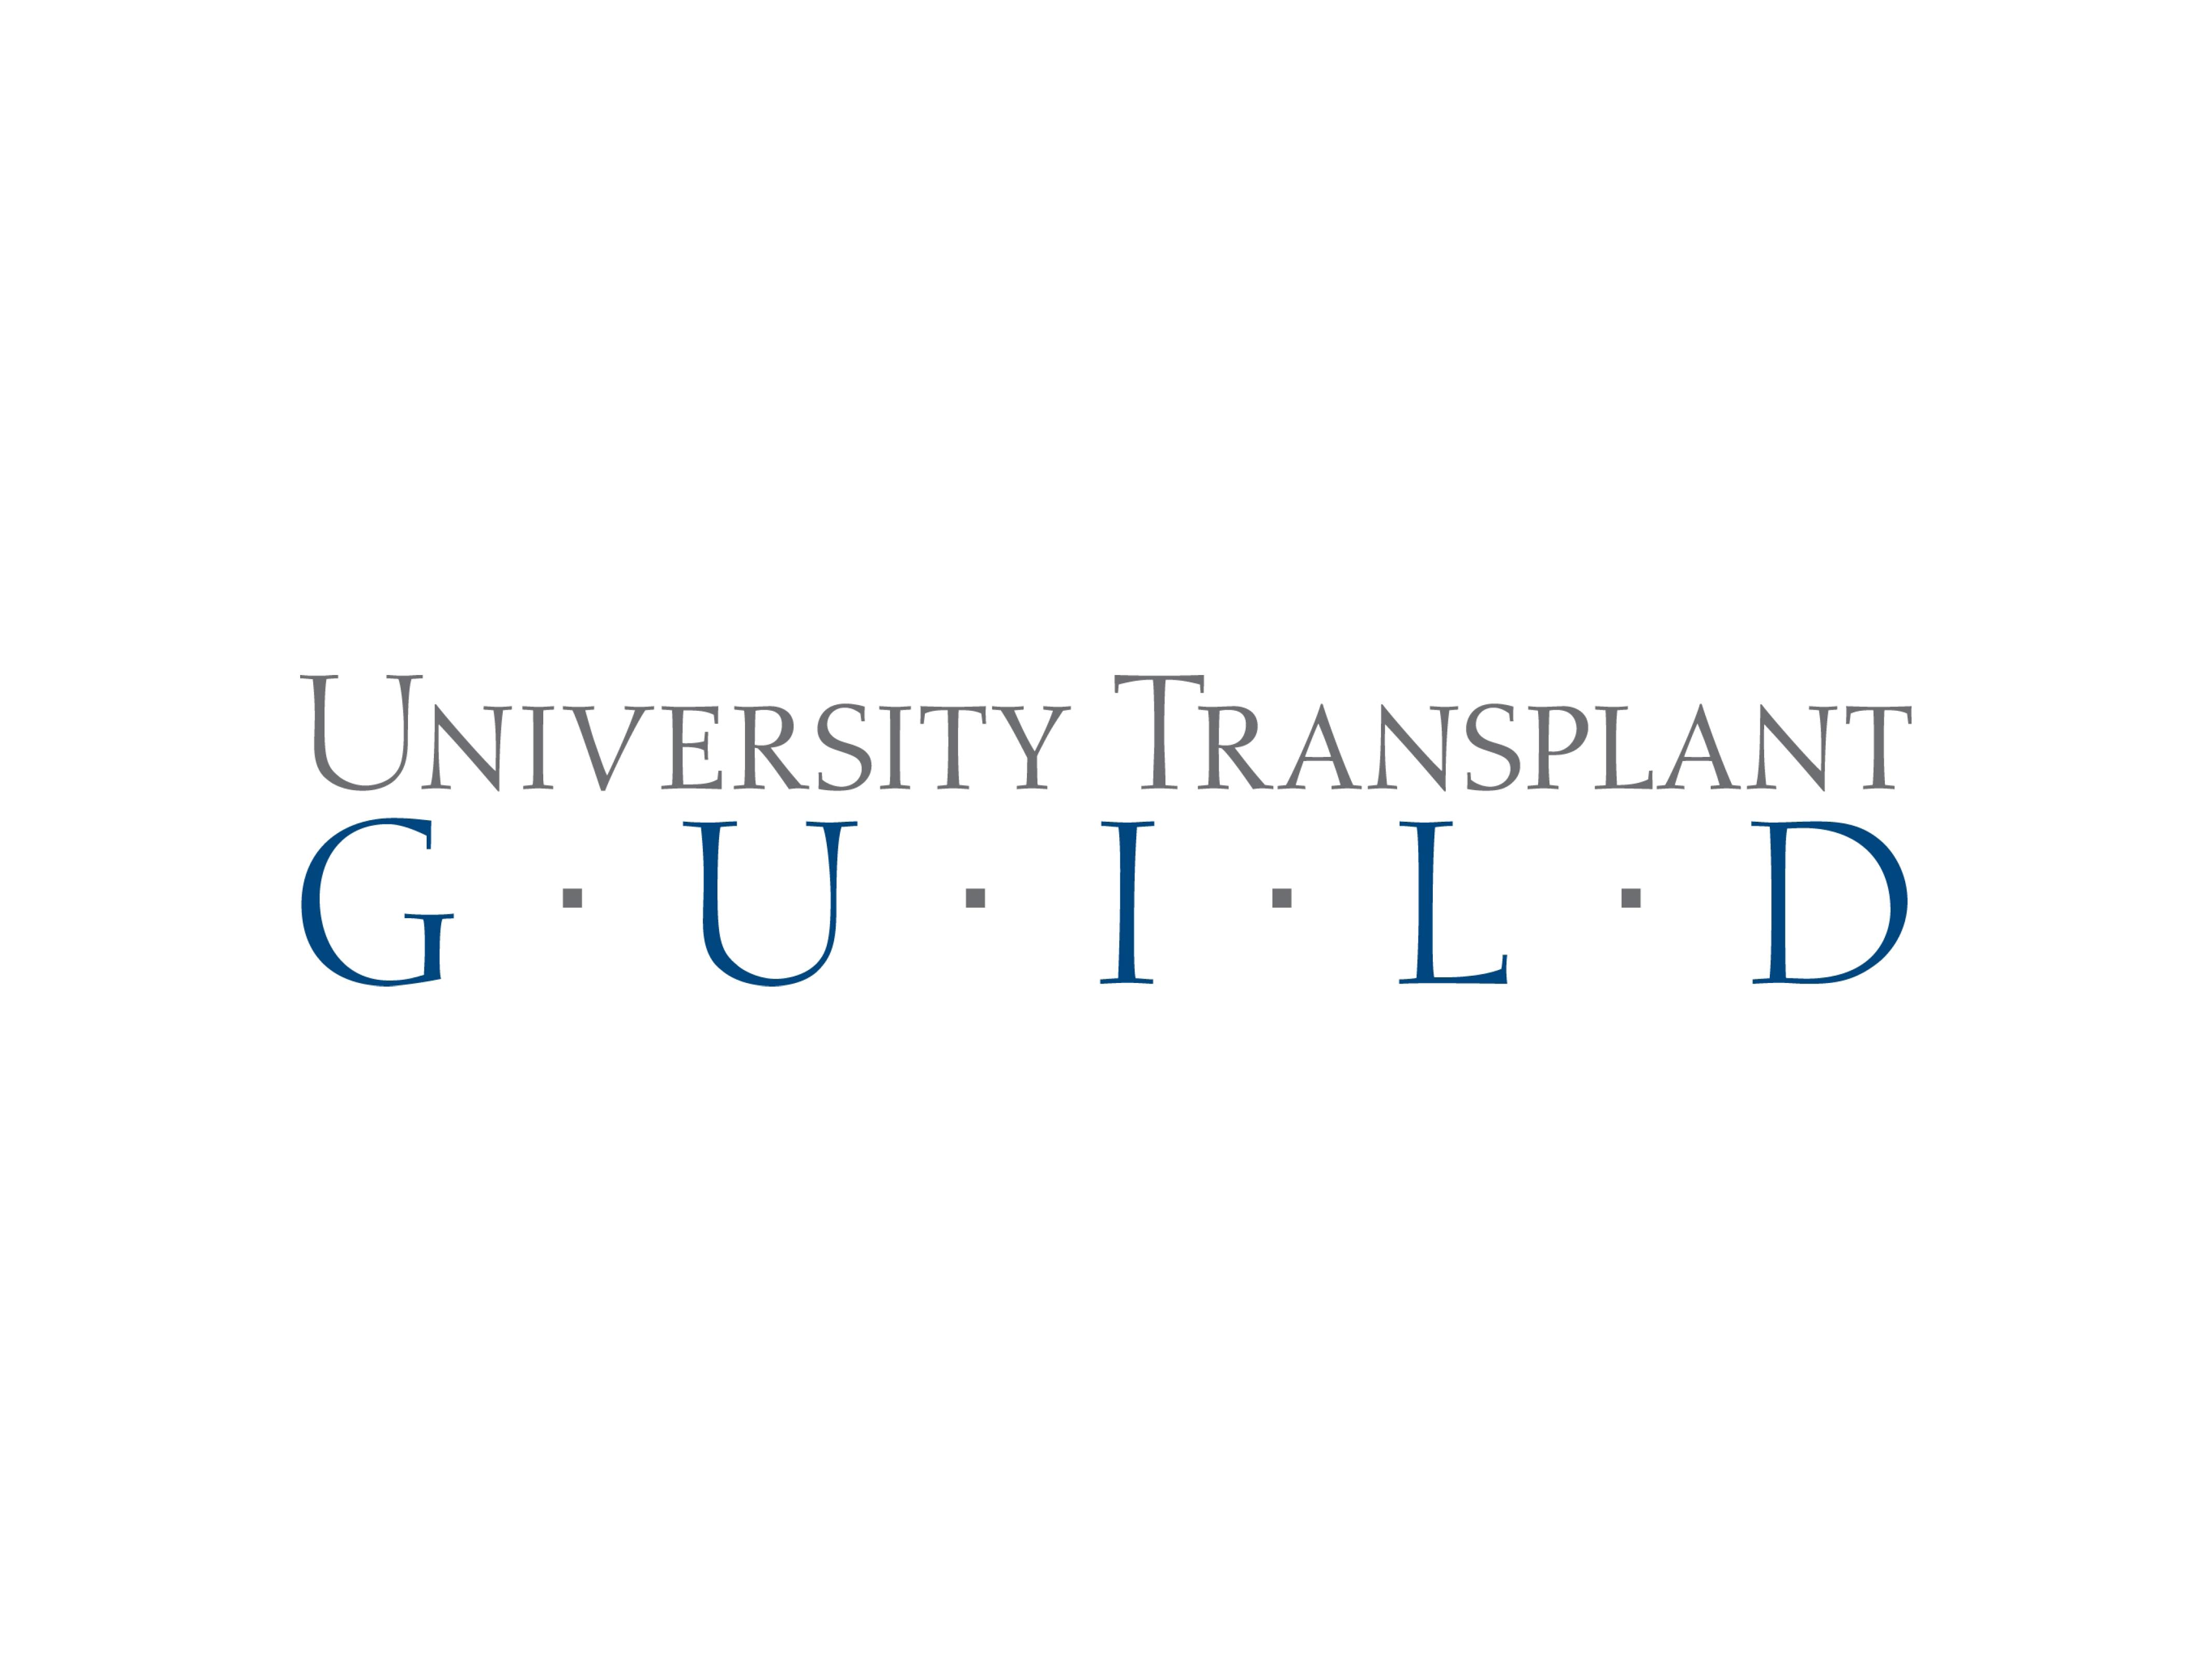 UMMCTransplantGuild